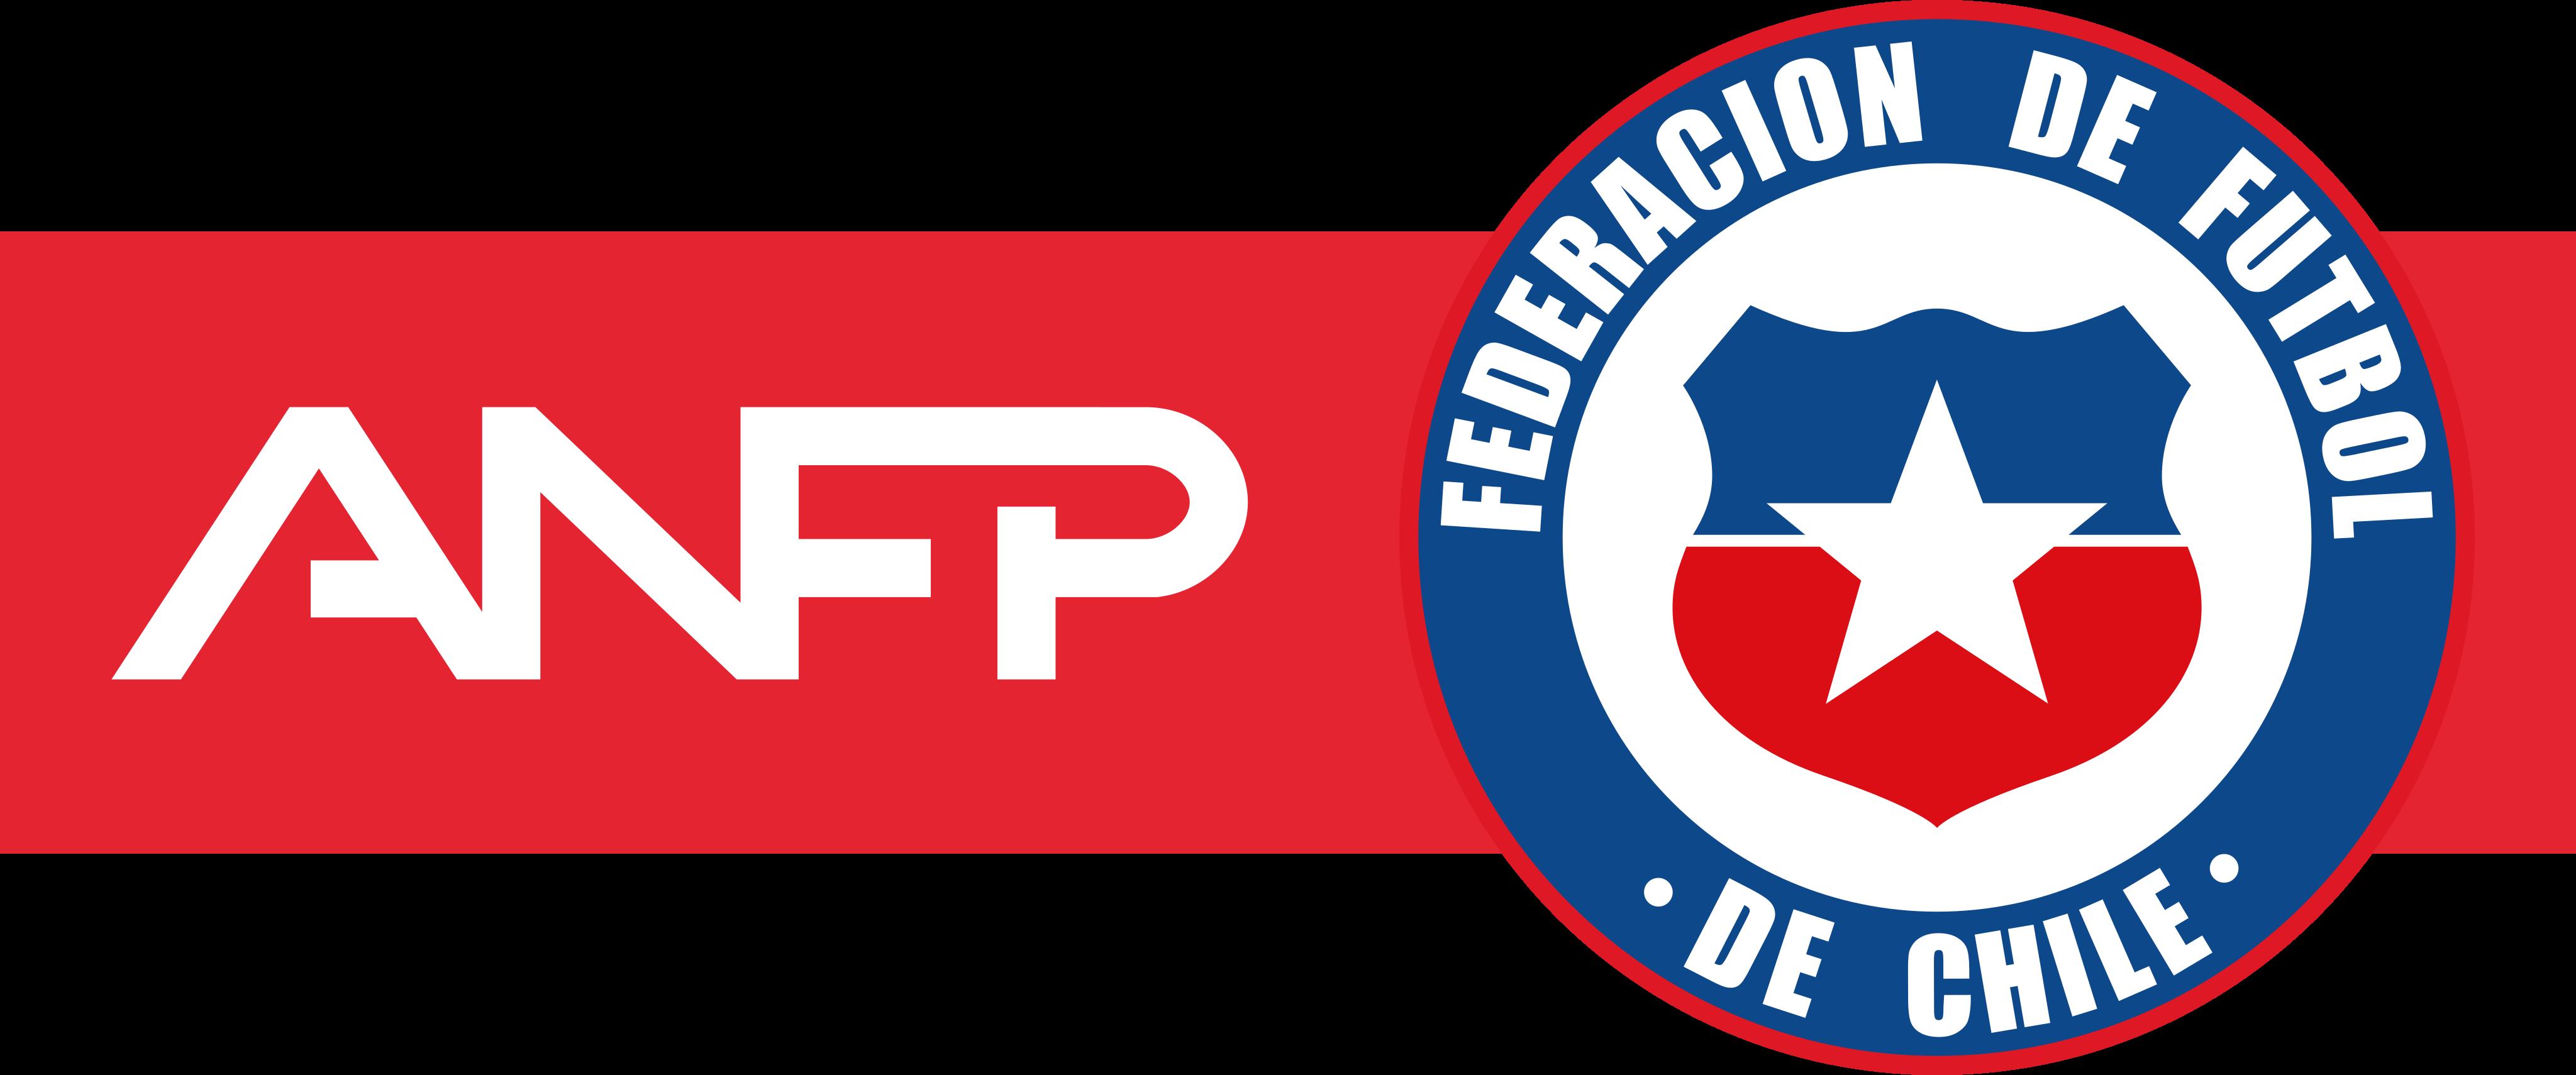 anfp seleccion de futbol de chile logo - ANFP Logo - Seleção do Chile Logo